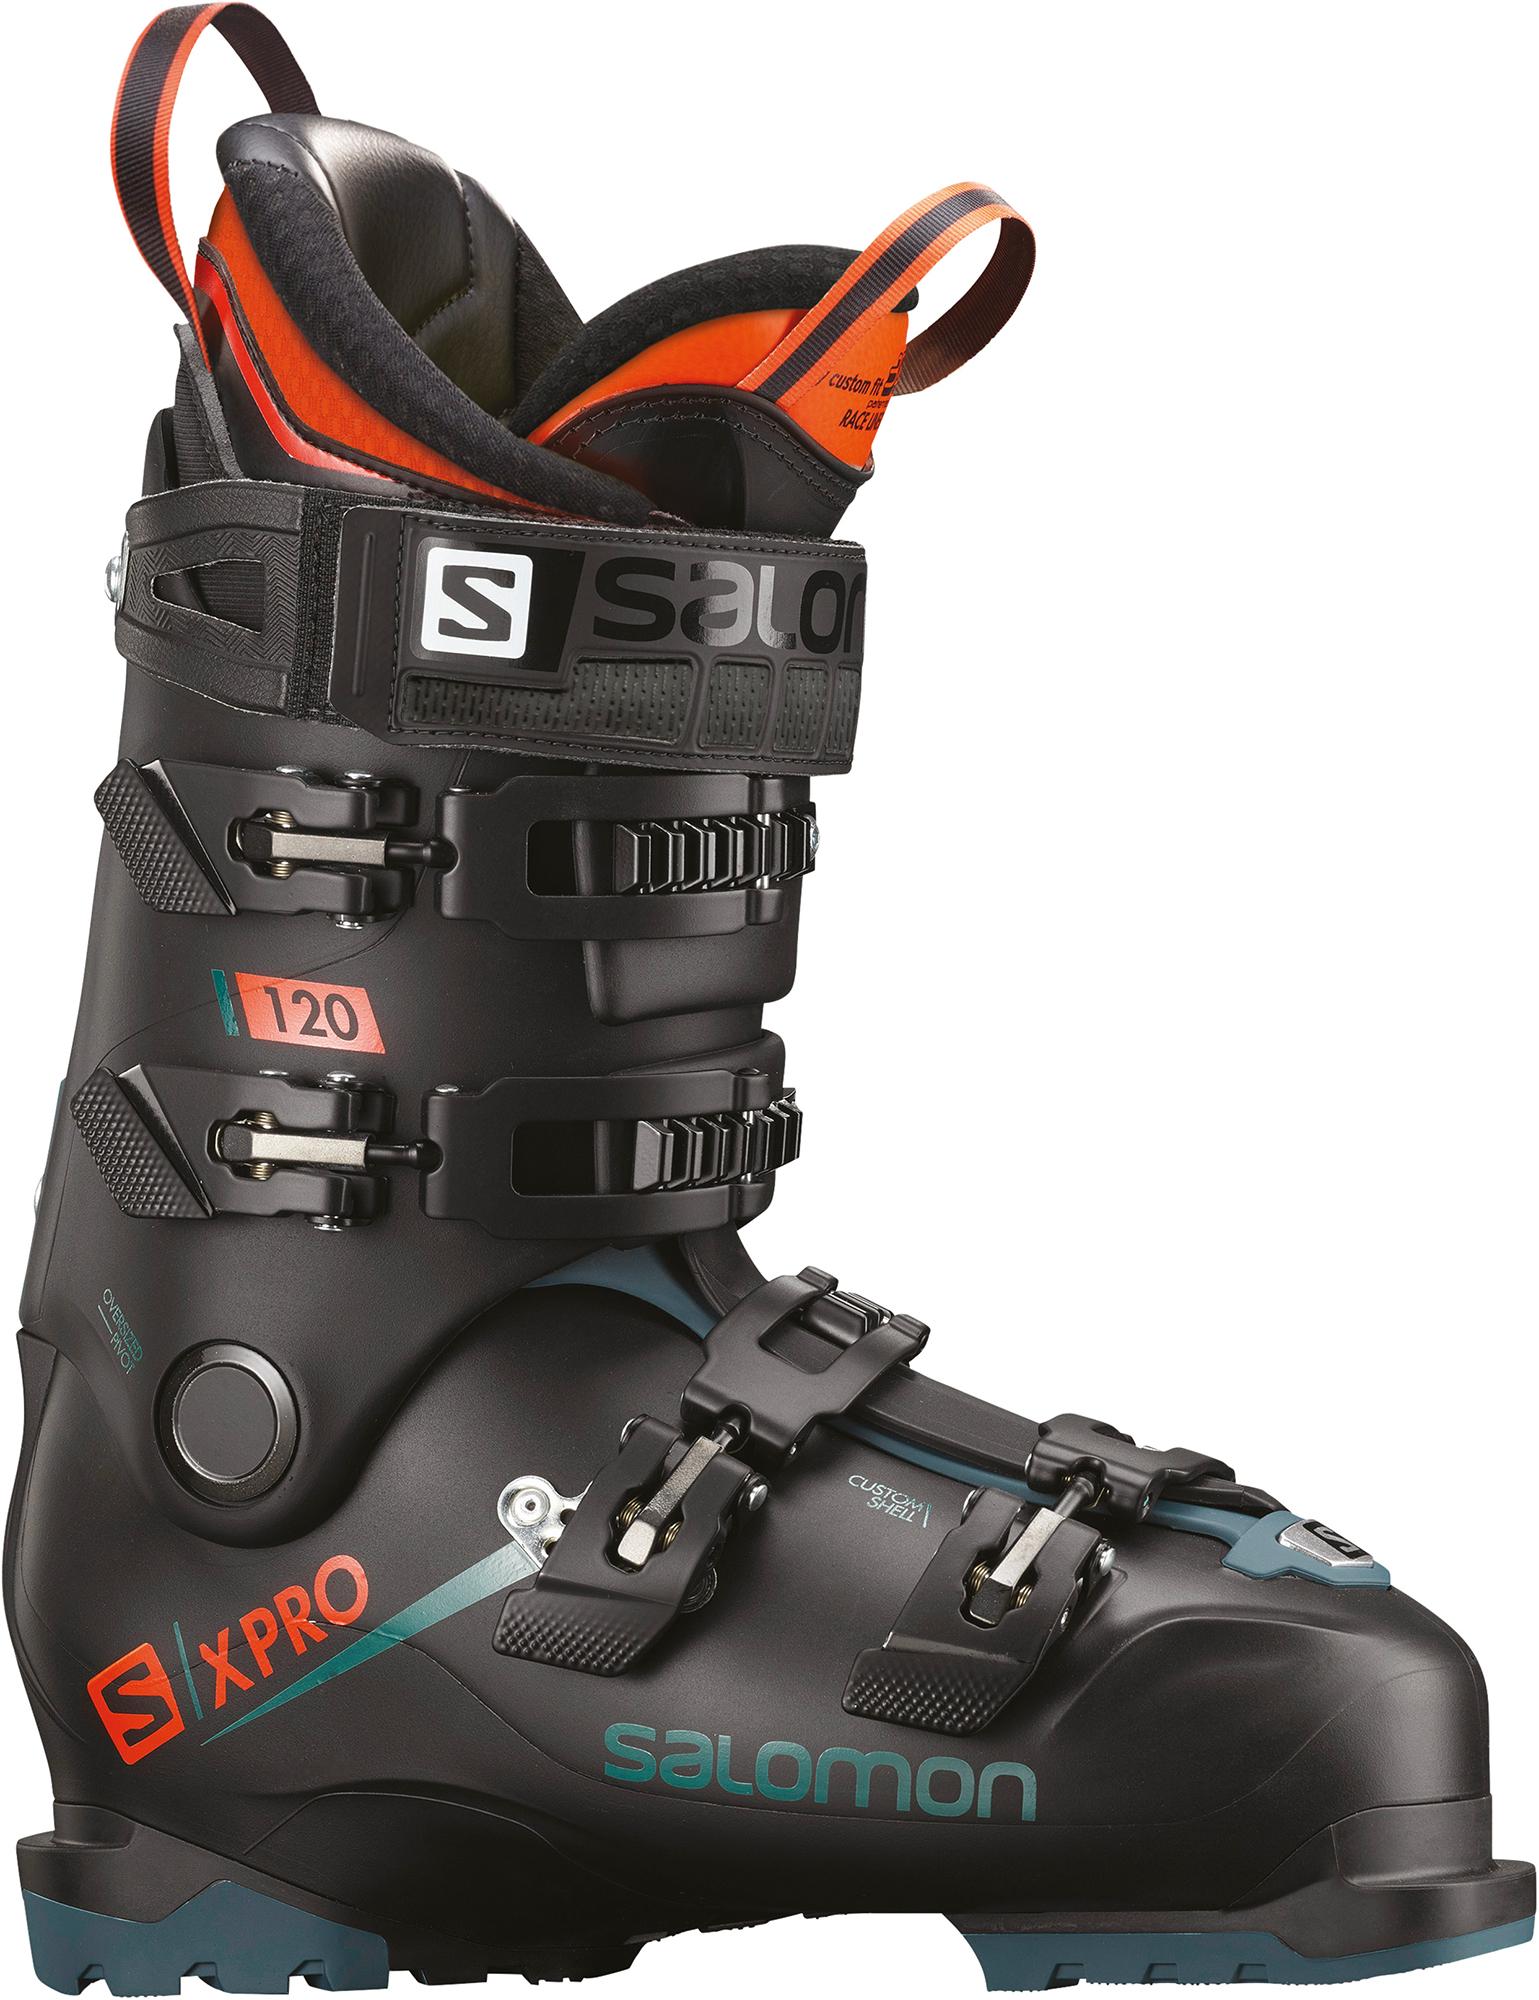 Salomon Ботинки горнолыжные Salomon X PRO 120, размер 45,5 salomon ботинки горнолыжные salomon x pro 110 размер 44